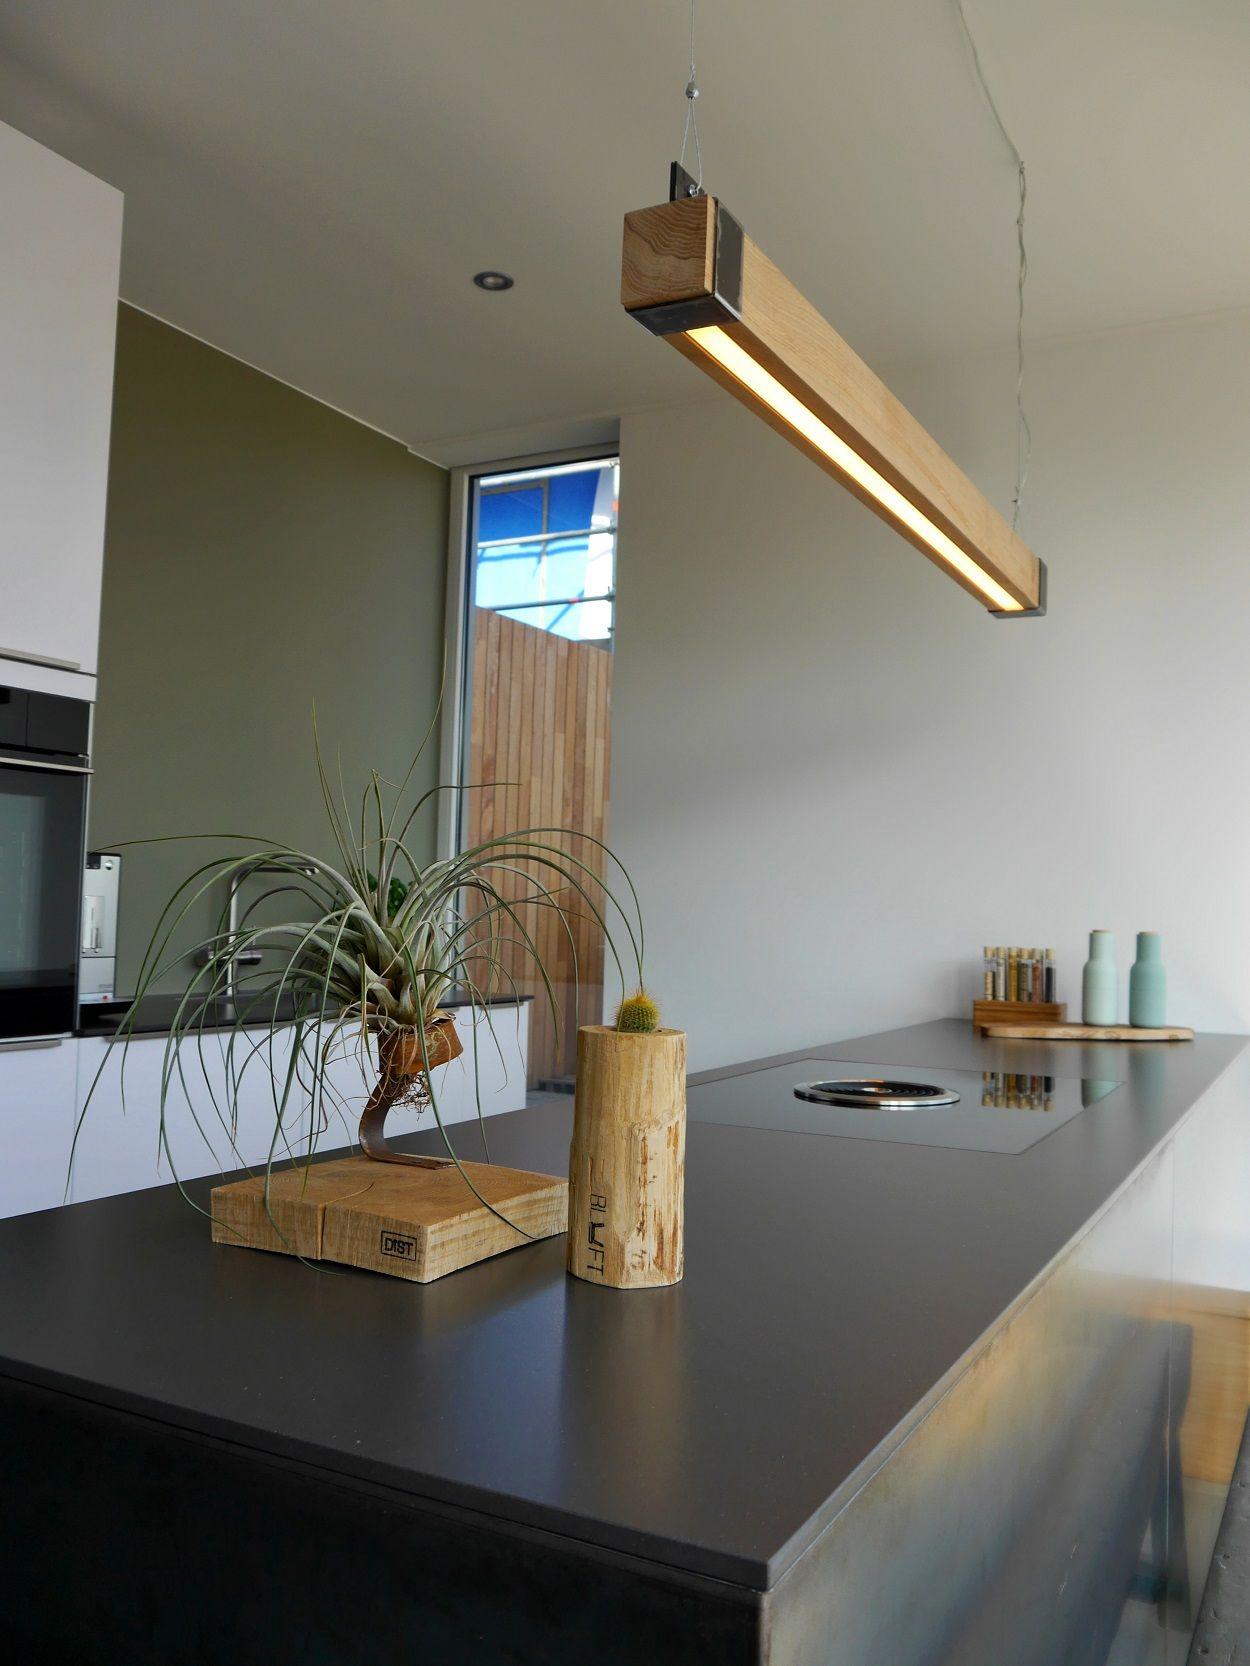 Houten Balklamp Woodlight NEW  1 Woonkamer nieuw in